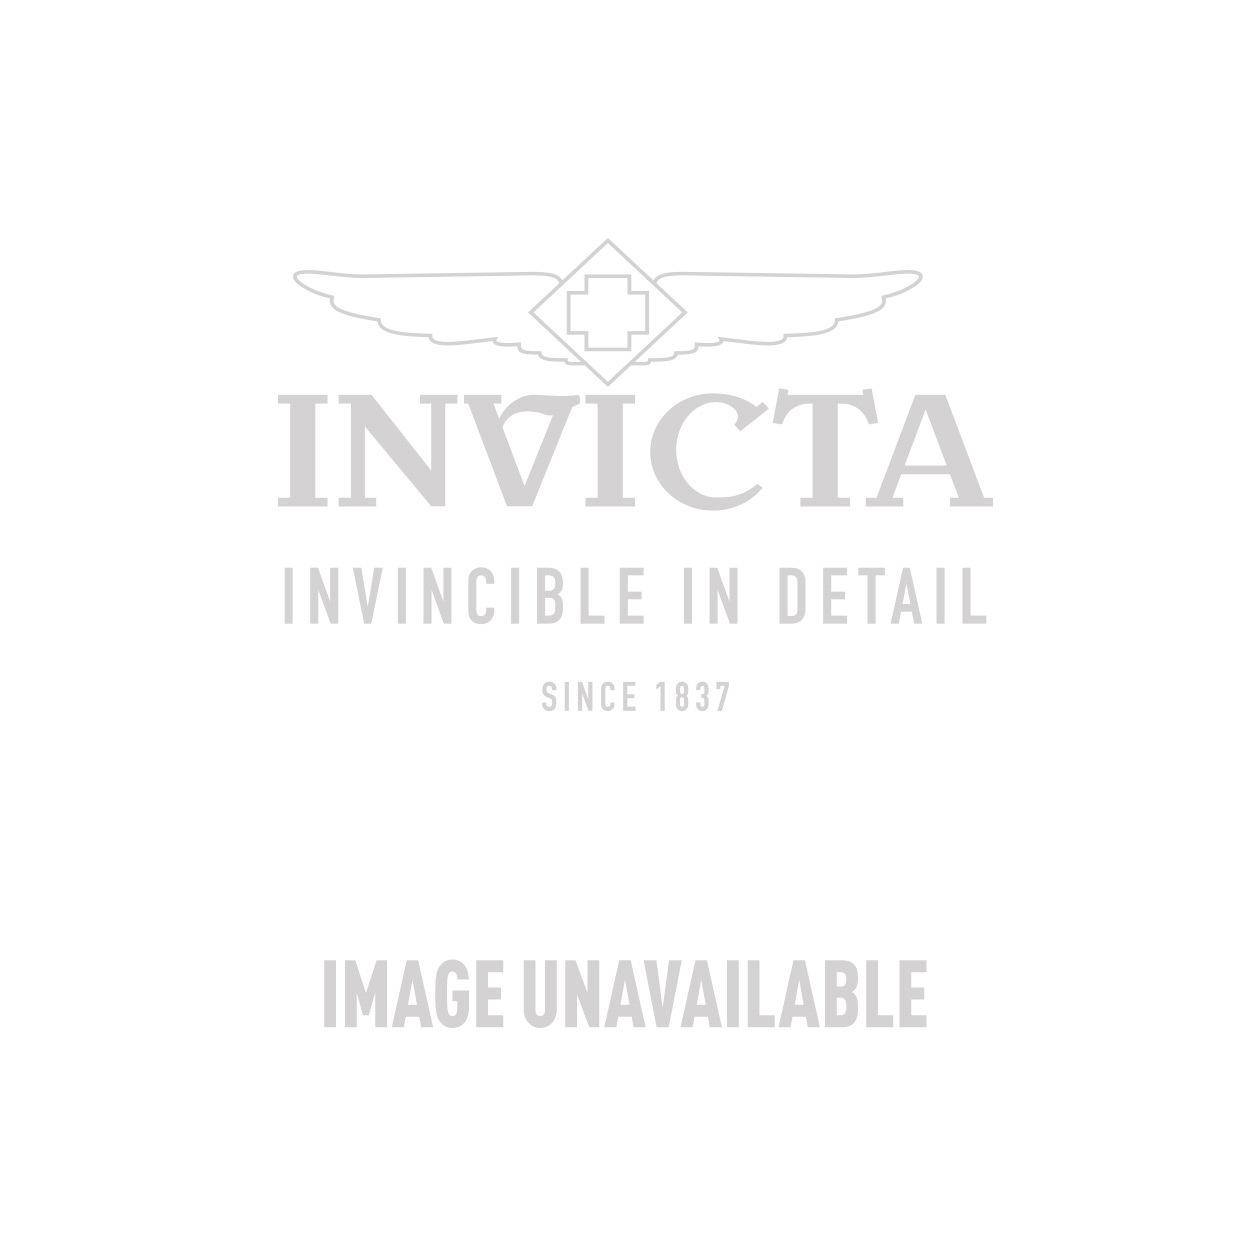 Invicta Model 25536